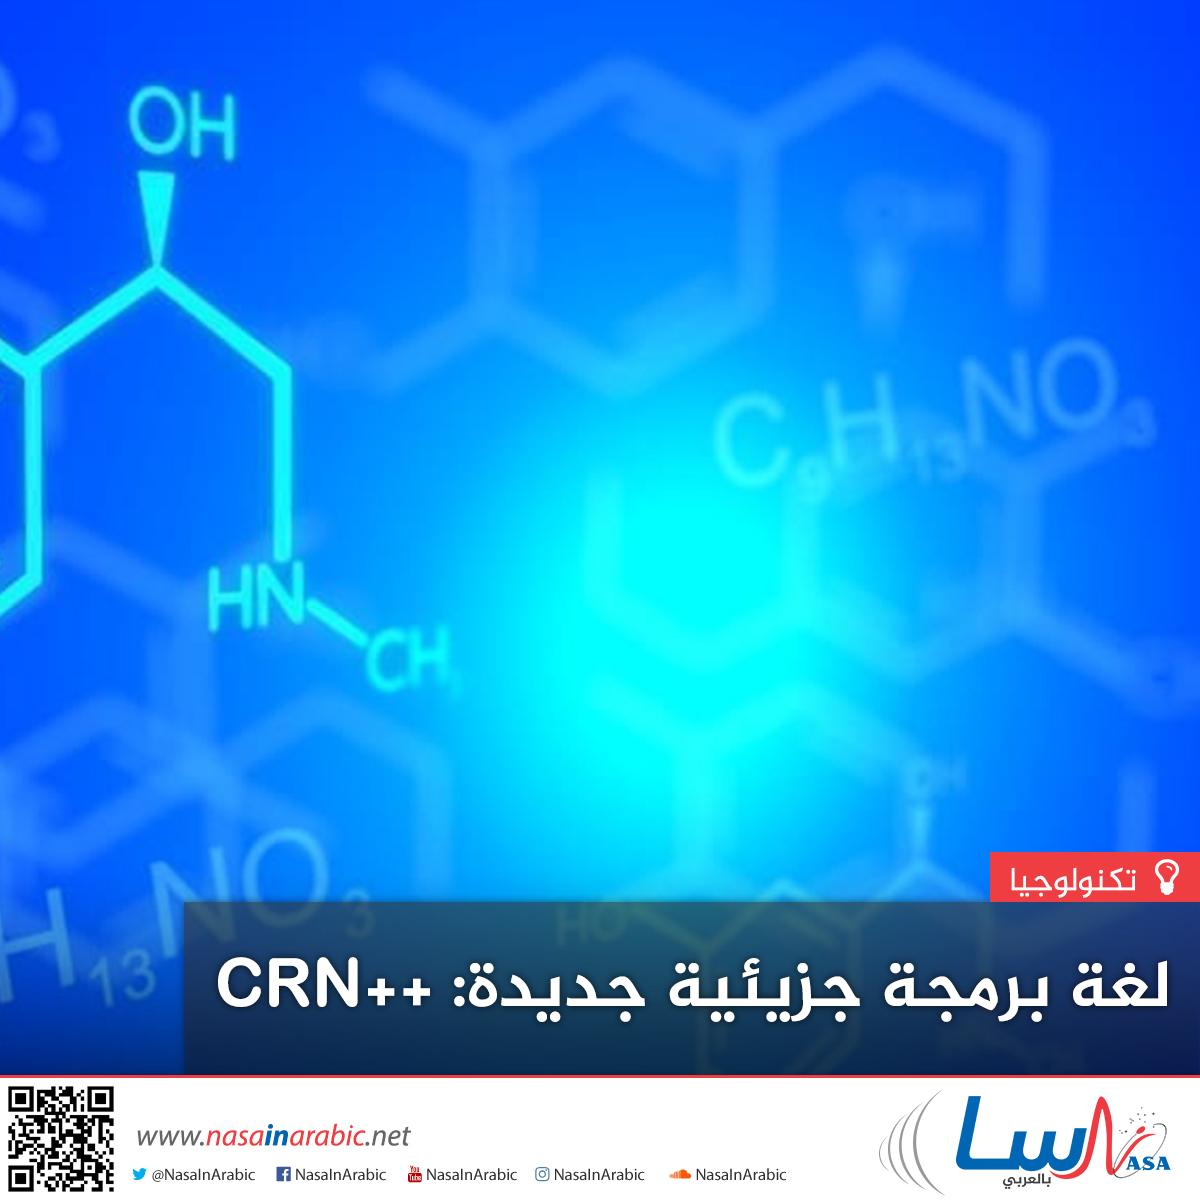 لغة برمجة جزيئية جديدة: ++CRN